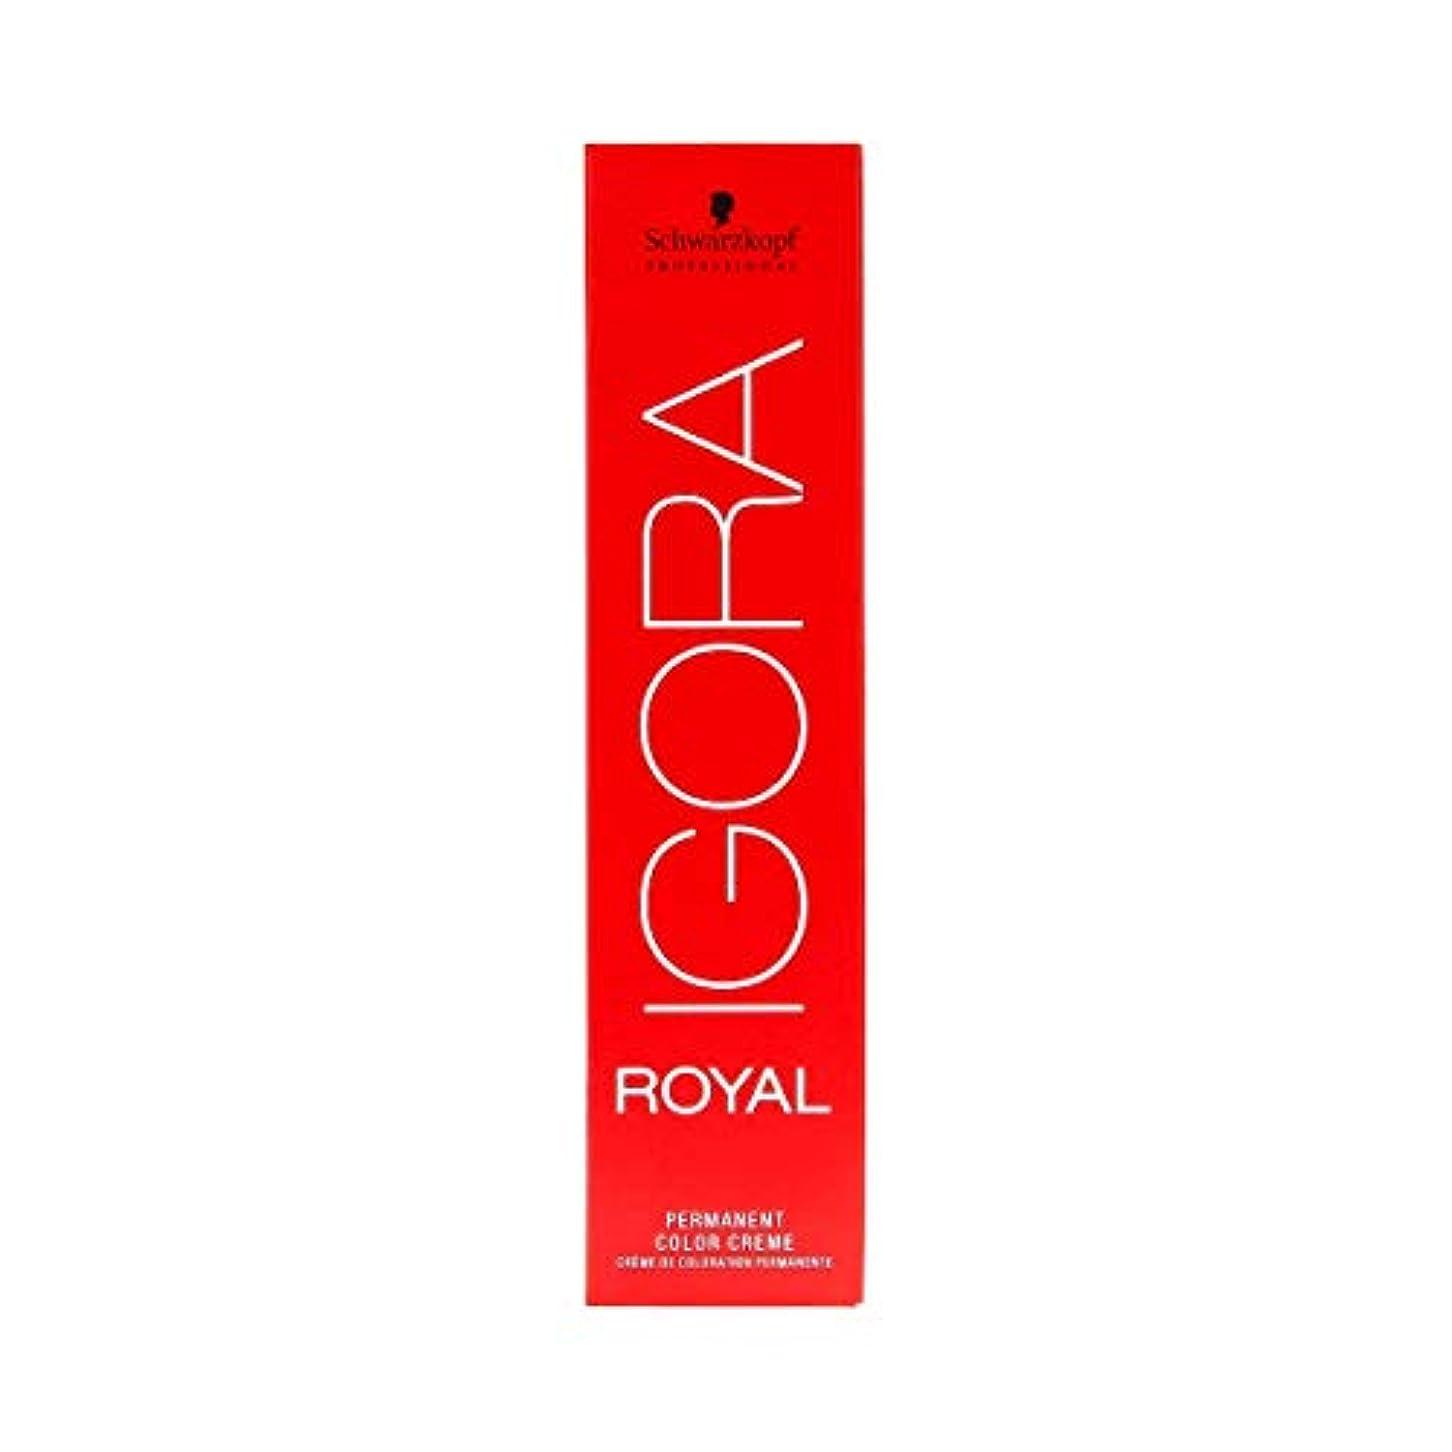 シュワルツコフ IGORA ロイヤル6-12パーマネントカラークリーム60ml[海外直送品] [並行輸入品]